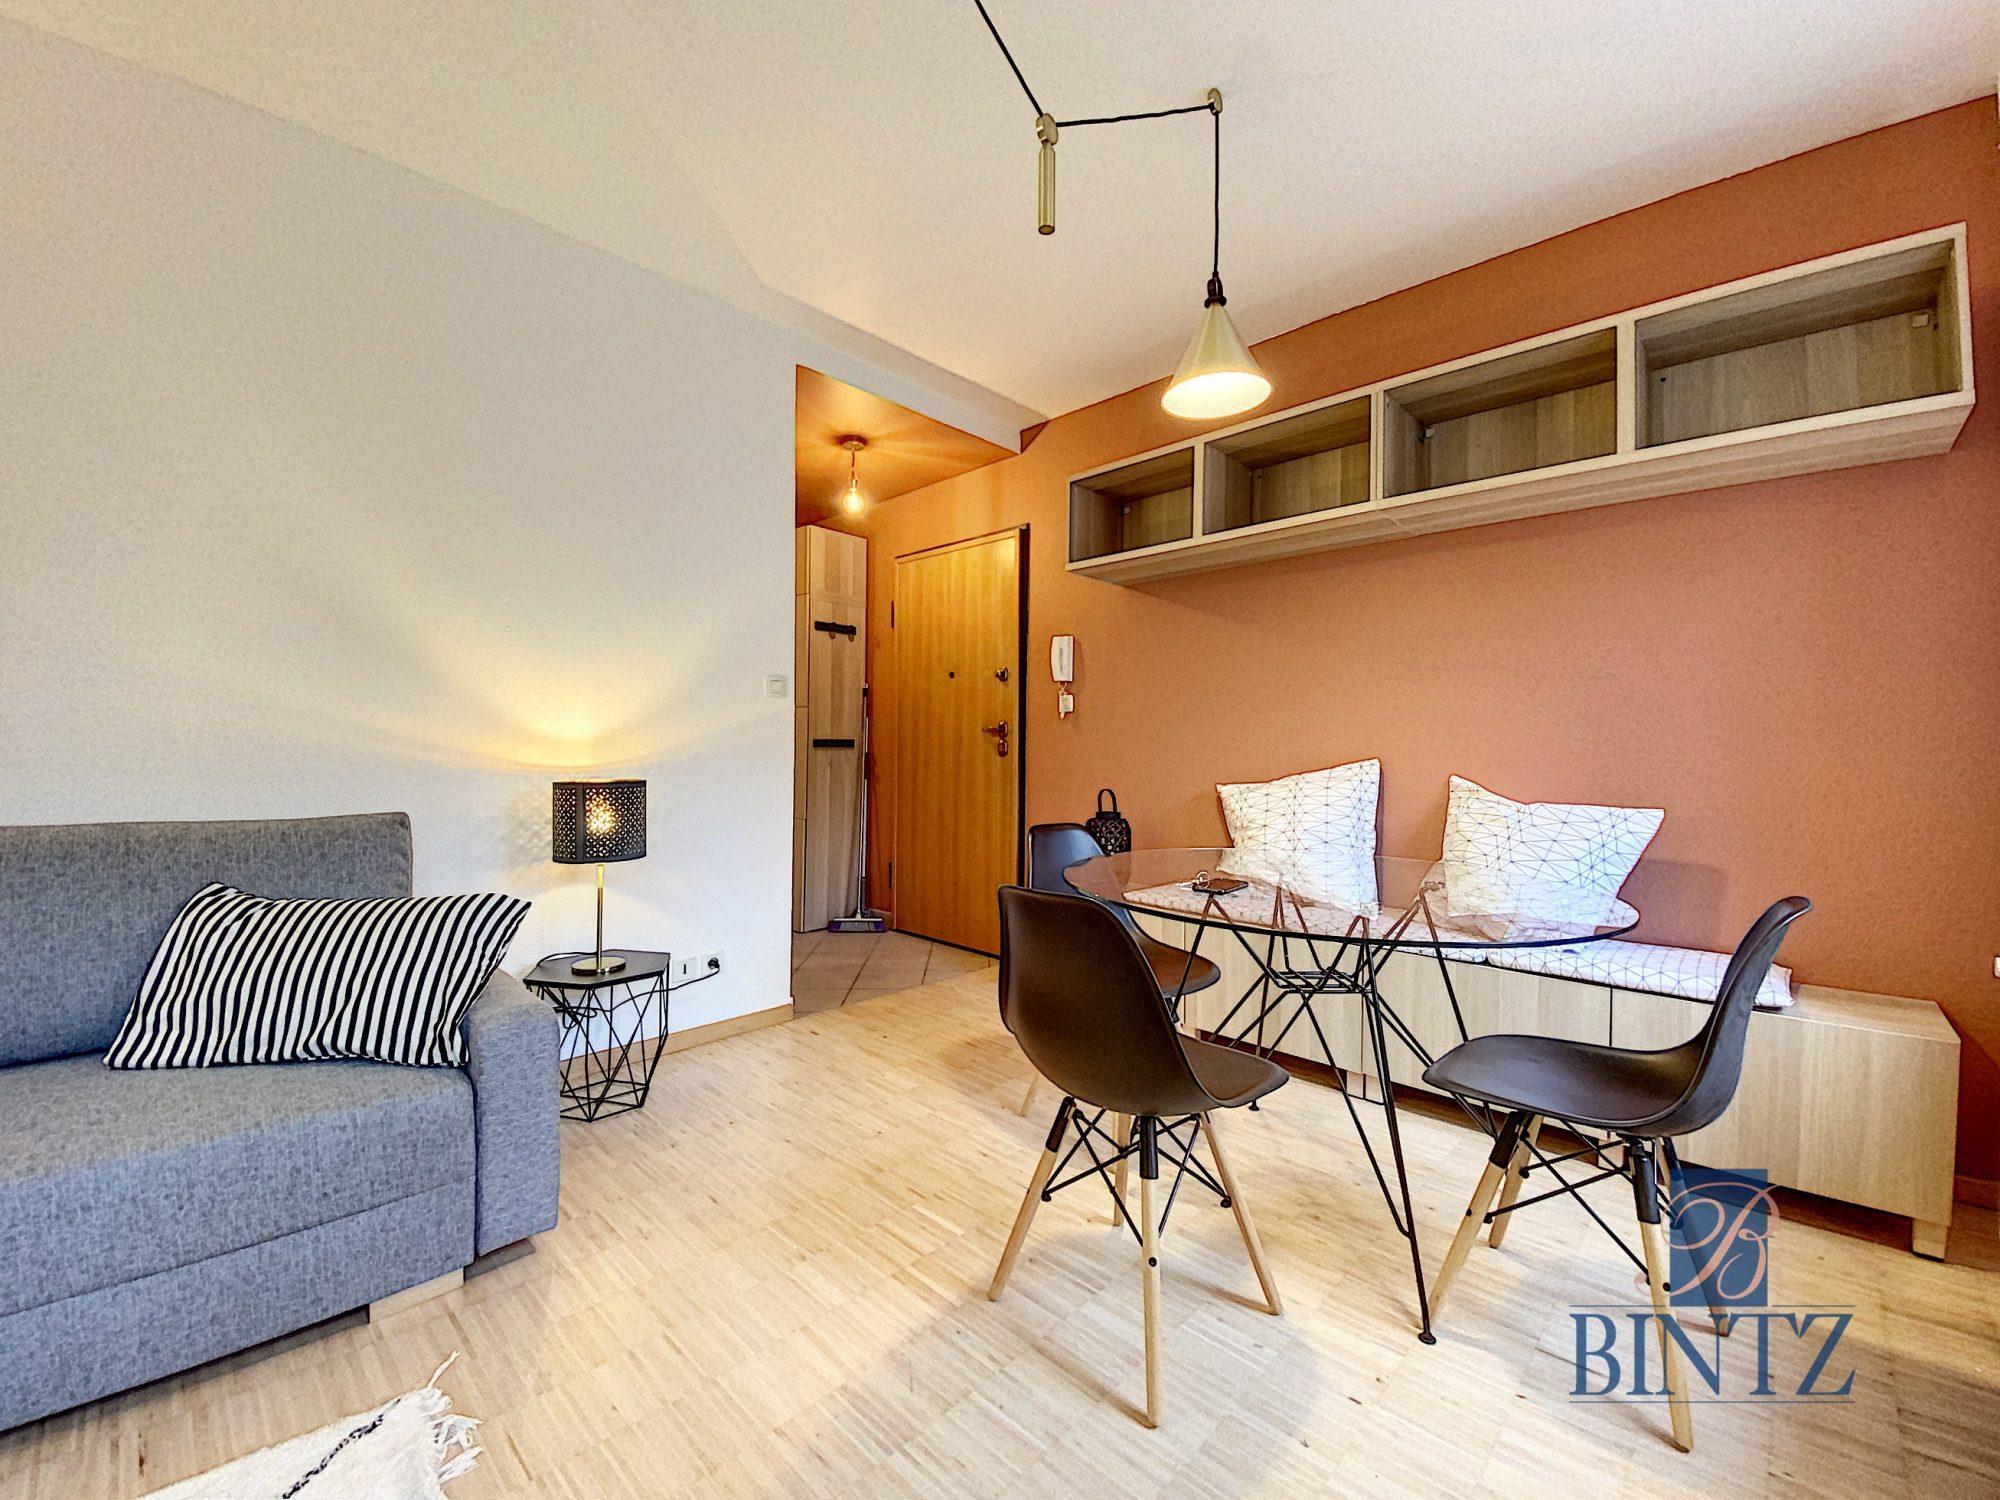 2P MEUBLÉ NEUDORF - Devenez locataire en toute sérénité - Bintz Immobilier - 2